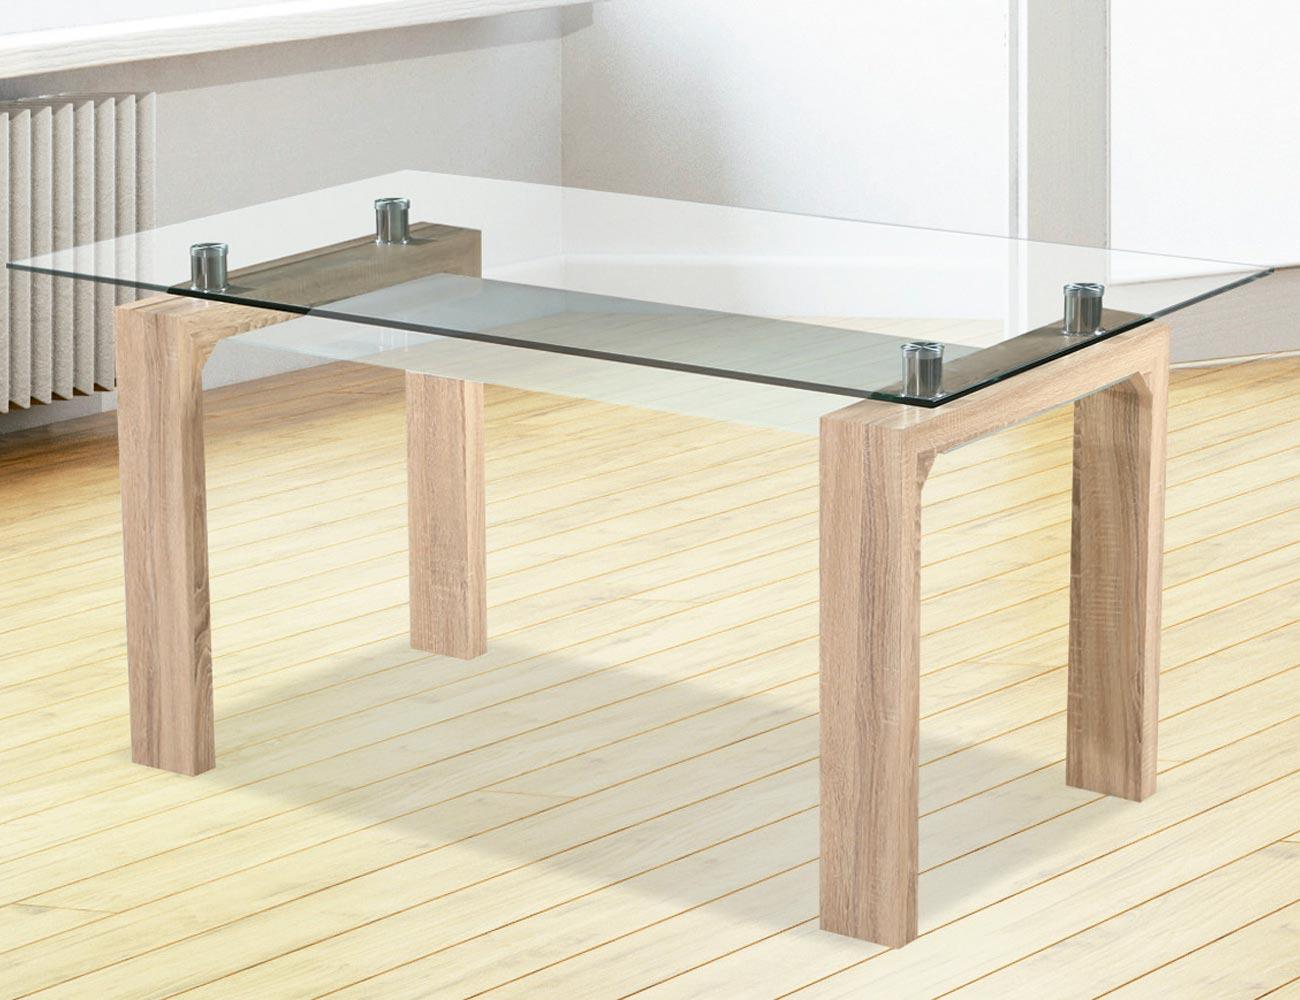 Mesa comedor en cristal templado transparente de 150 cm de for Mesas de comedor cristal transparente